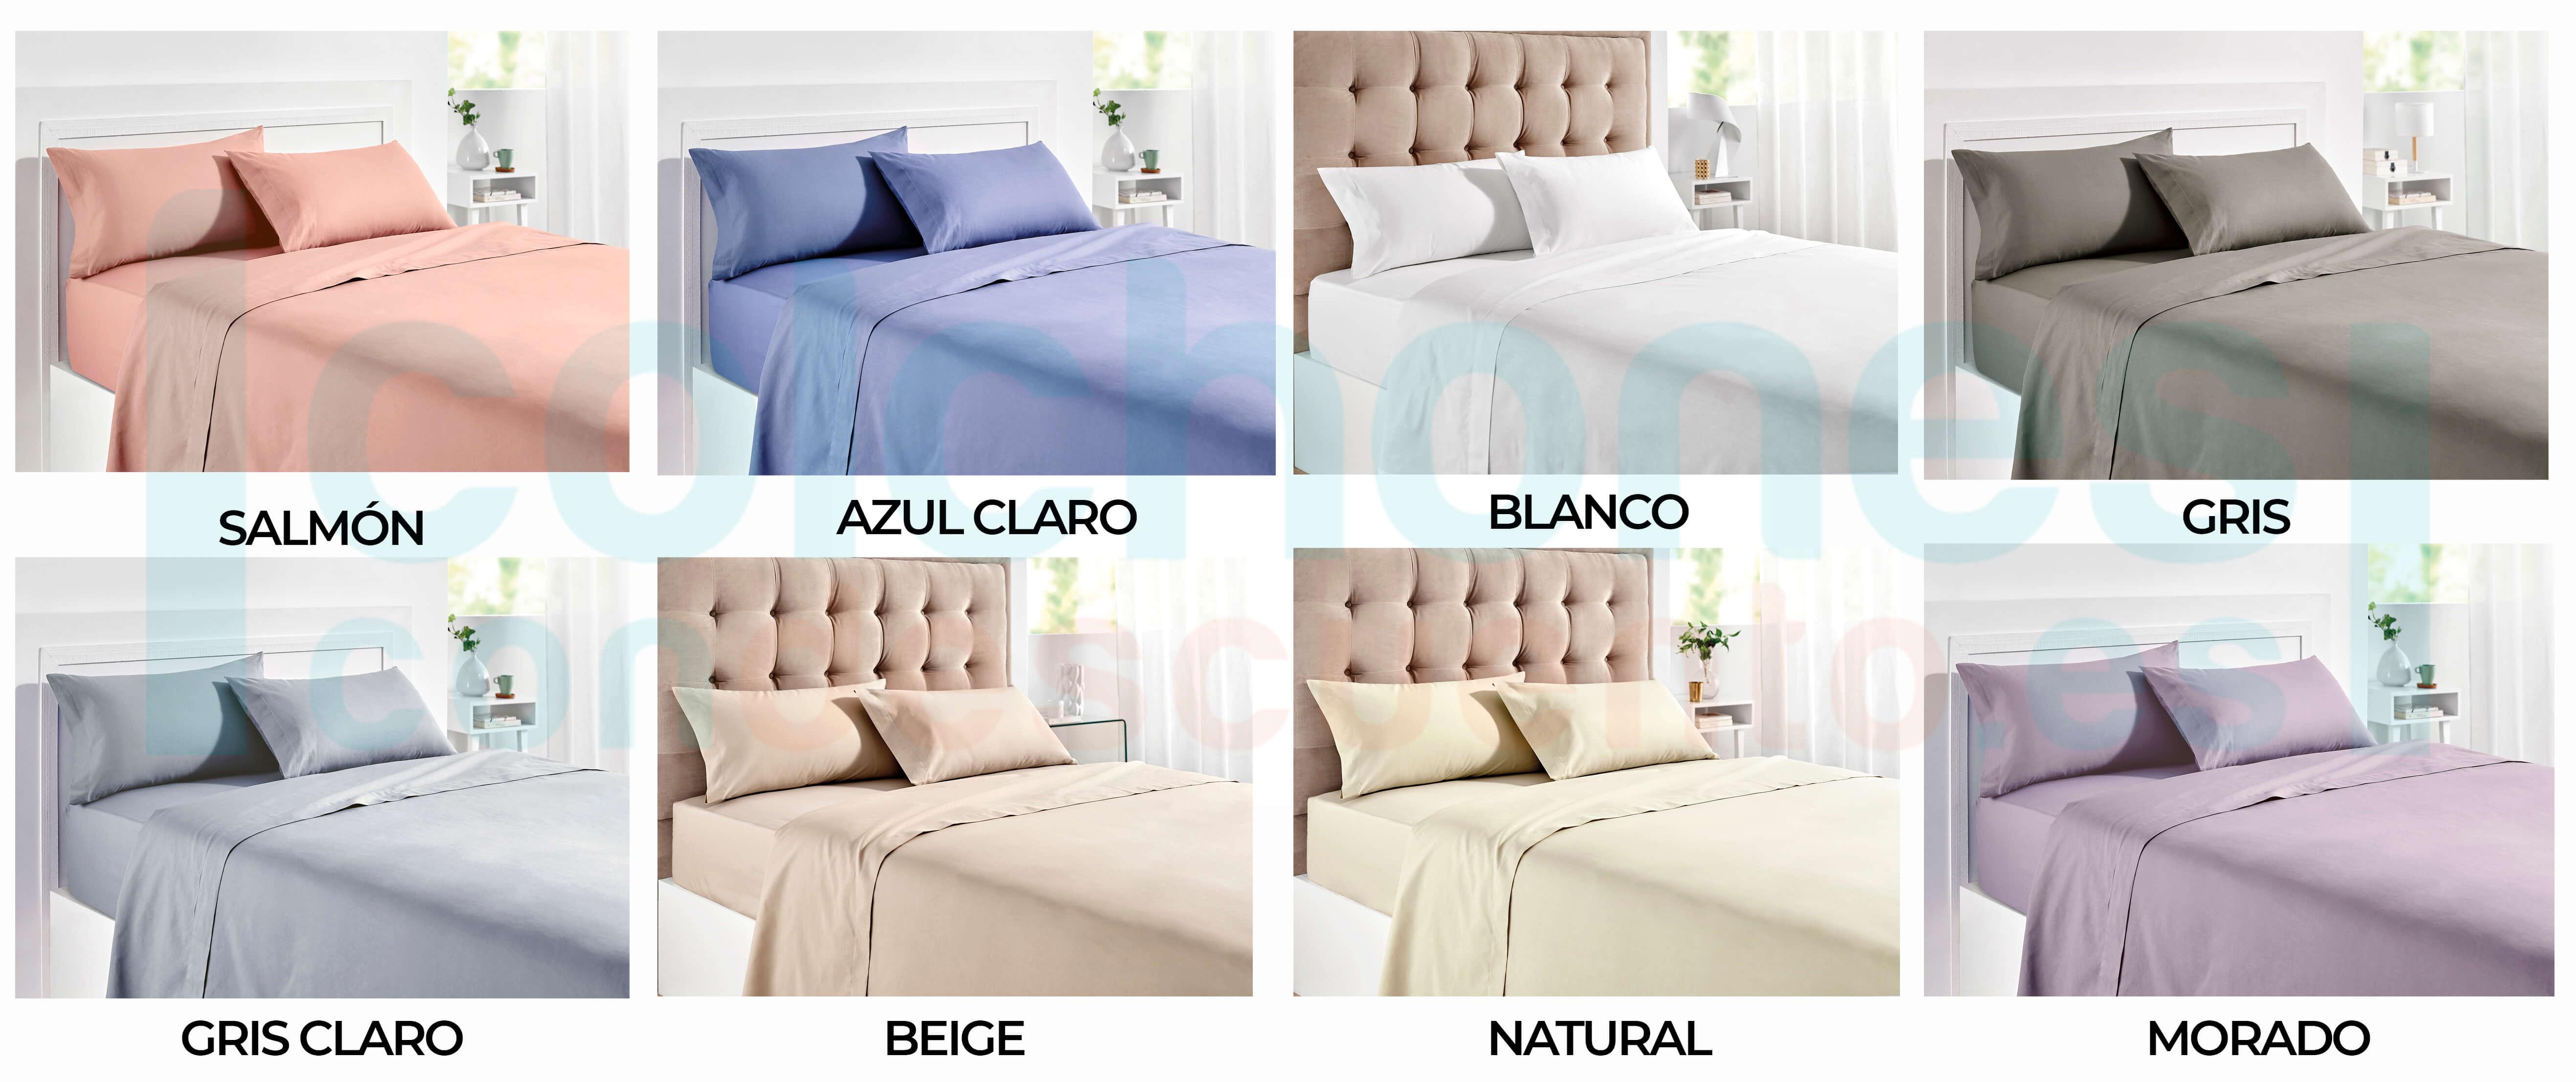 colores juego de cama pikolin home